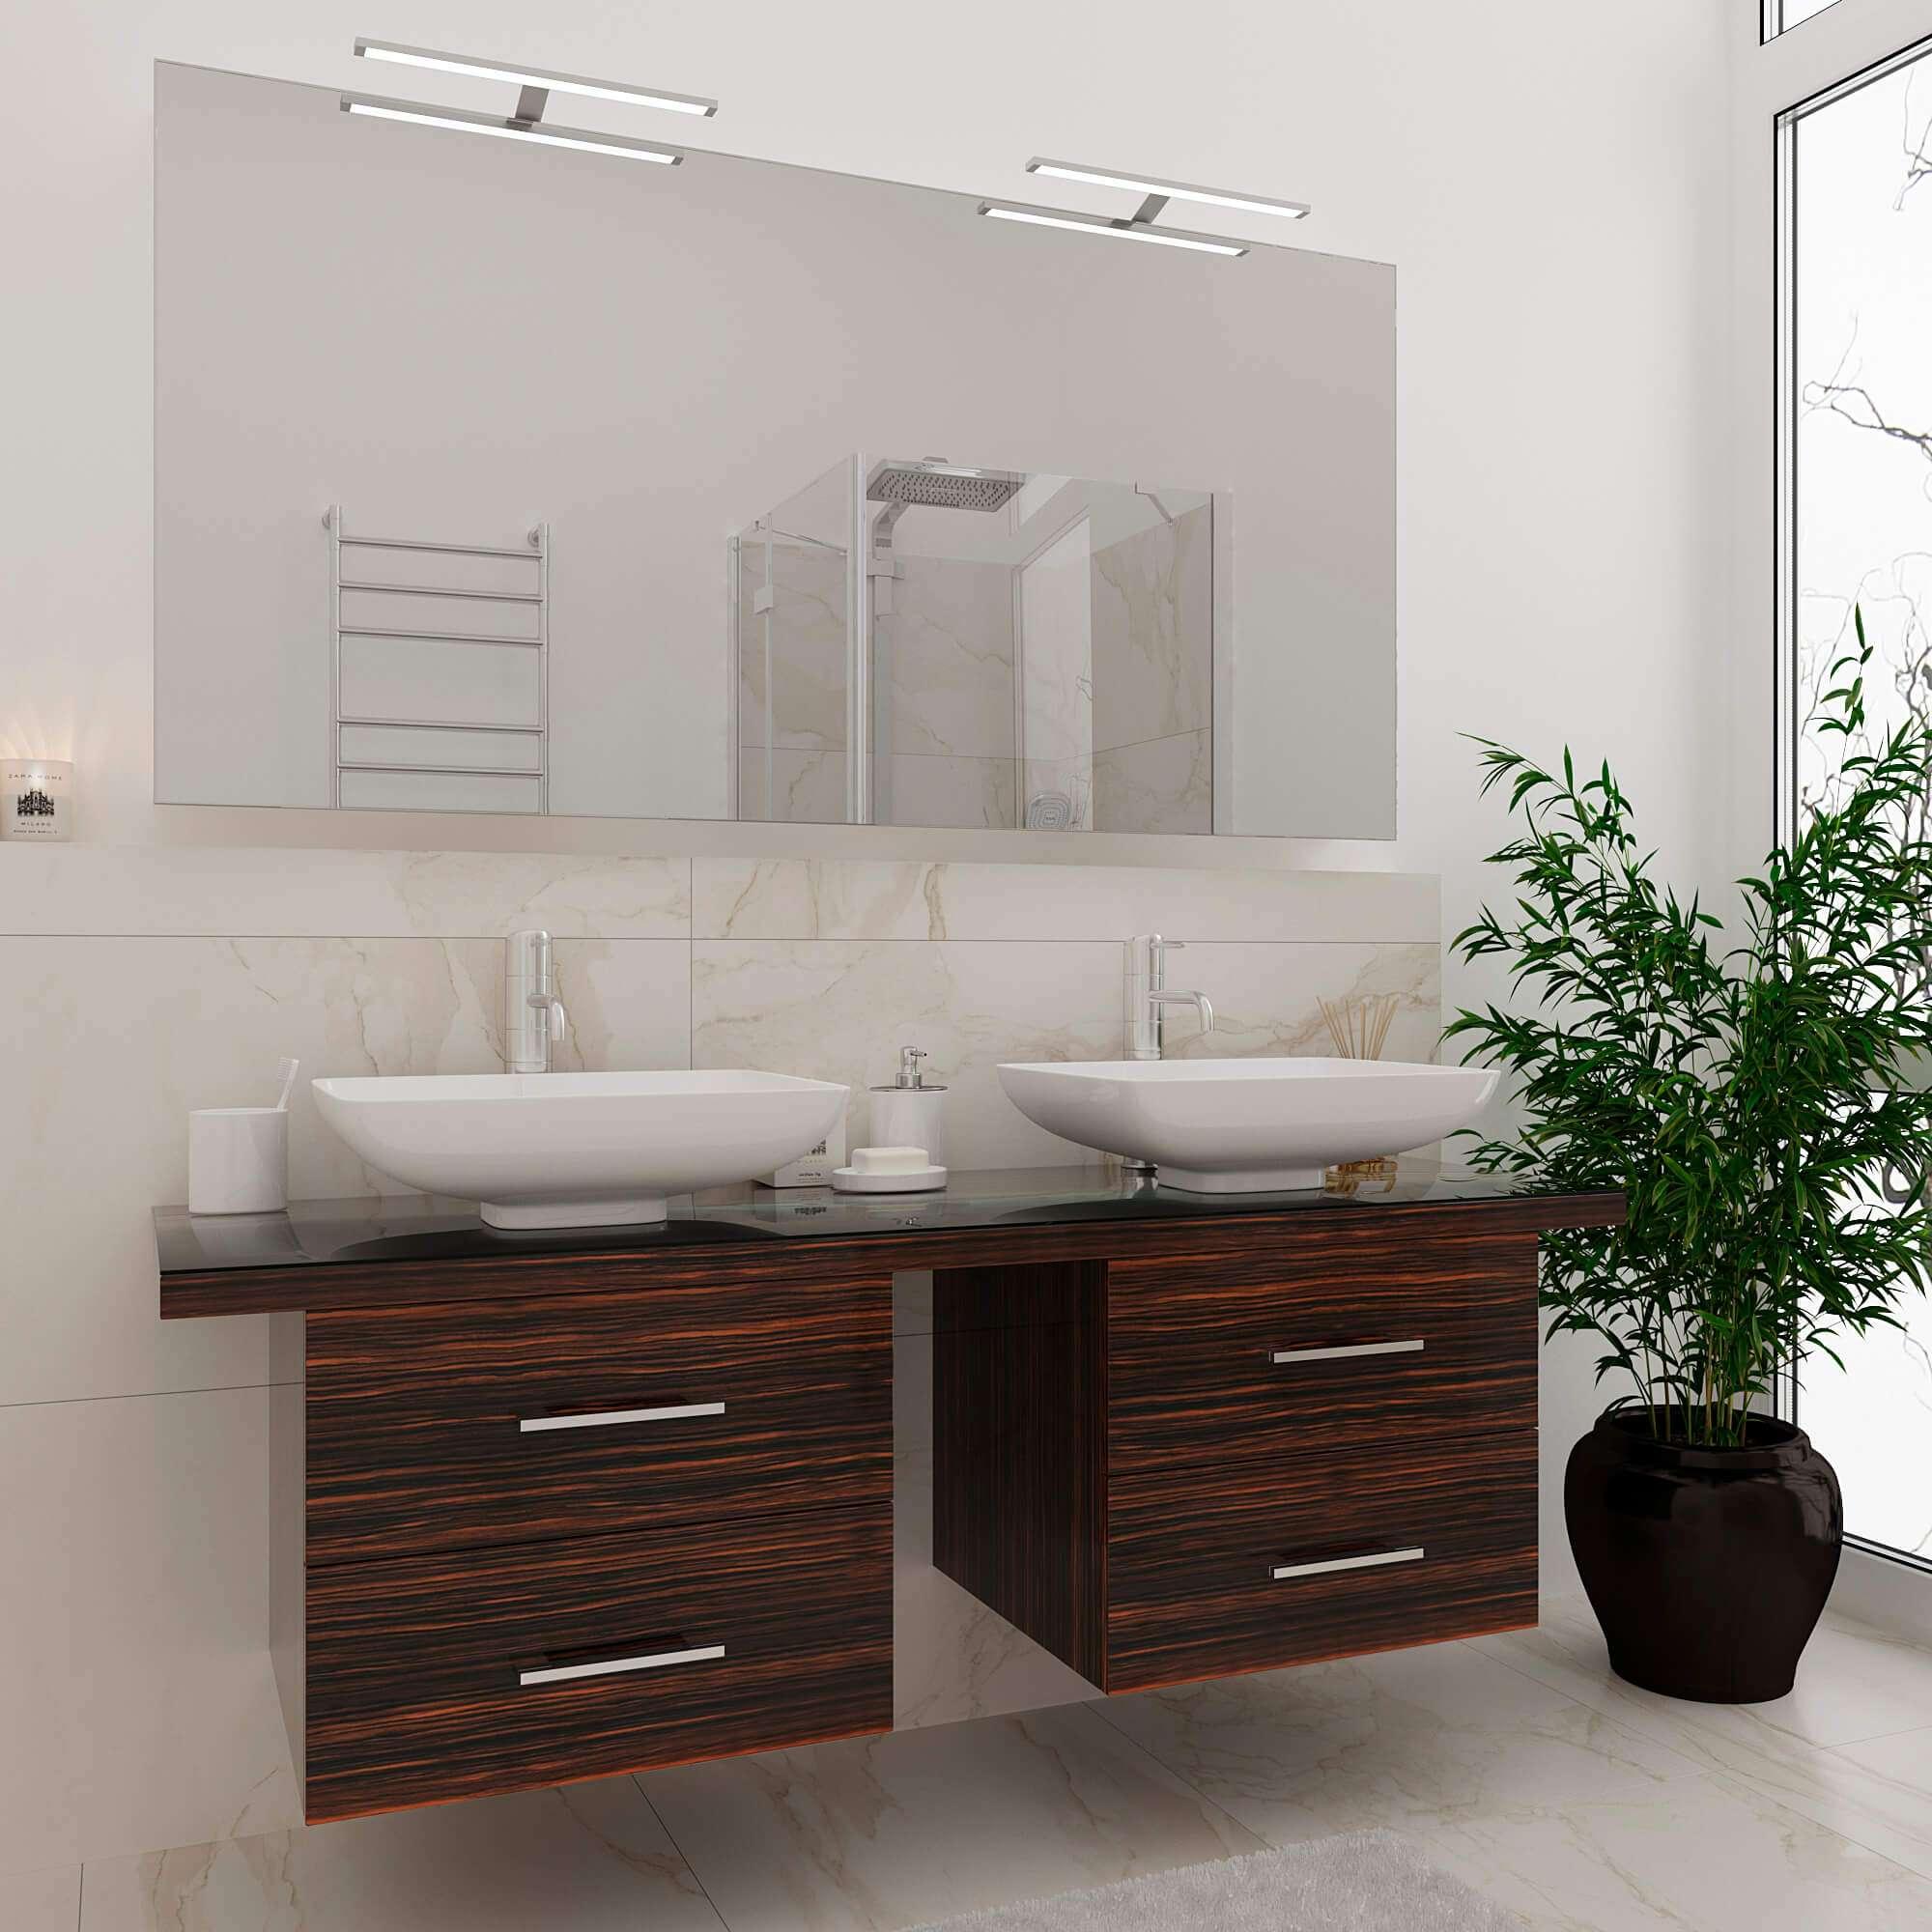 Купить стильный гарнитур мебели в ванную «MATTIAS» Марсан, в интернет-магазине